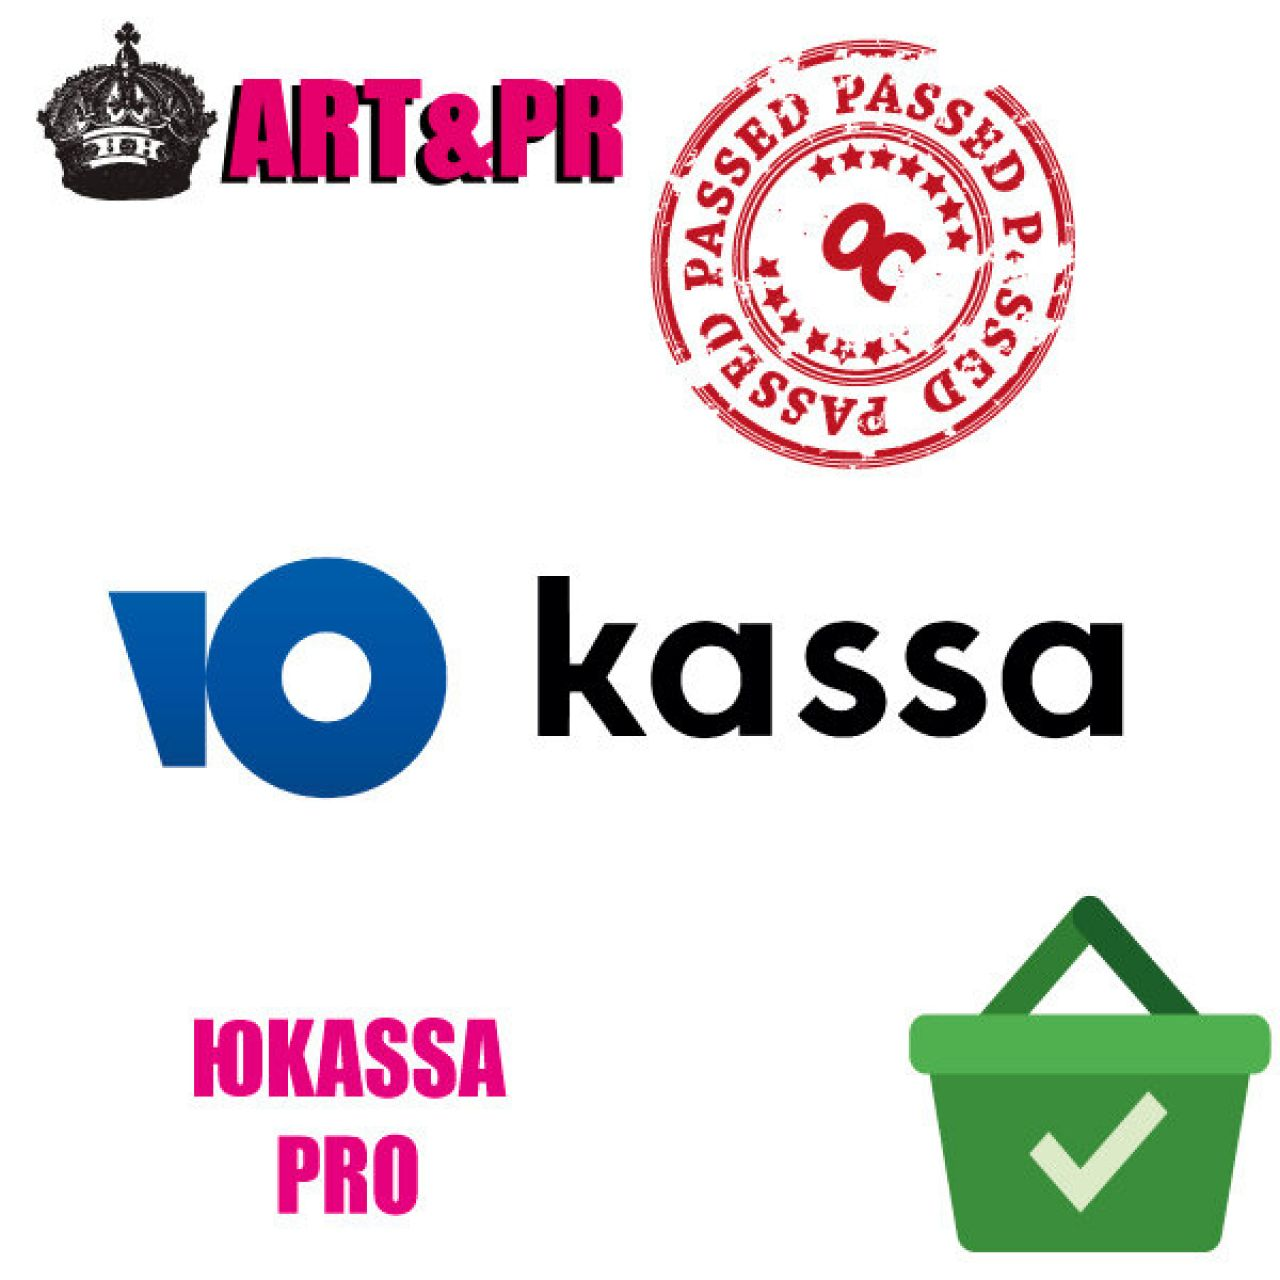 ЮKassa PRO (Расширенный протокол) из категории Оплата для CMS OpenCart (ОпенКарт)